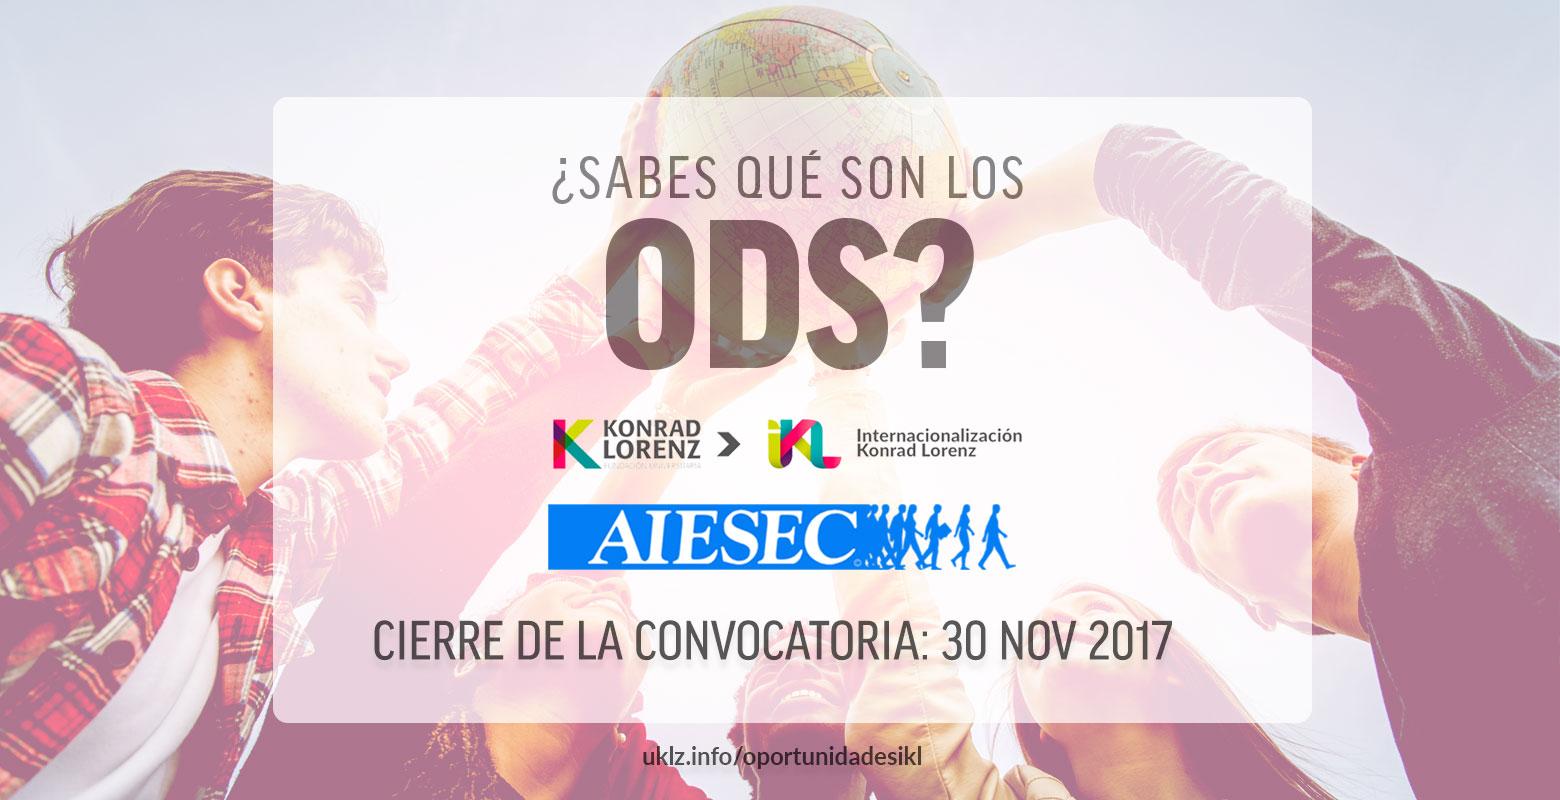 Sé un voluntario global con AIESEC y la Cancillería Konrad Lorenz